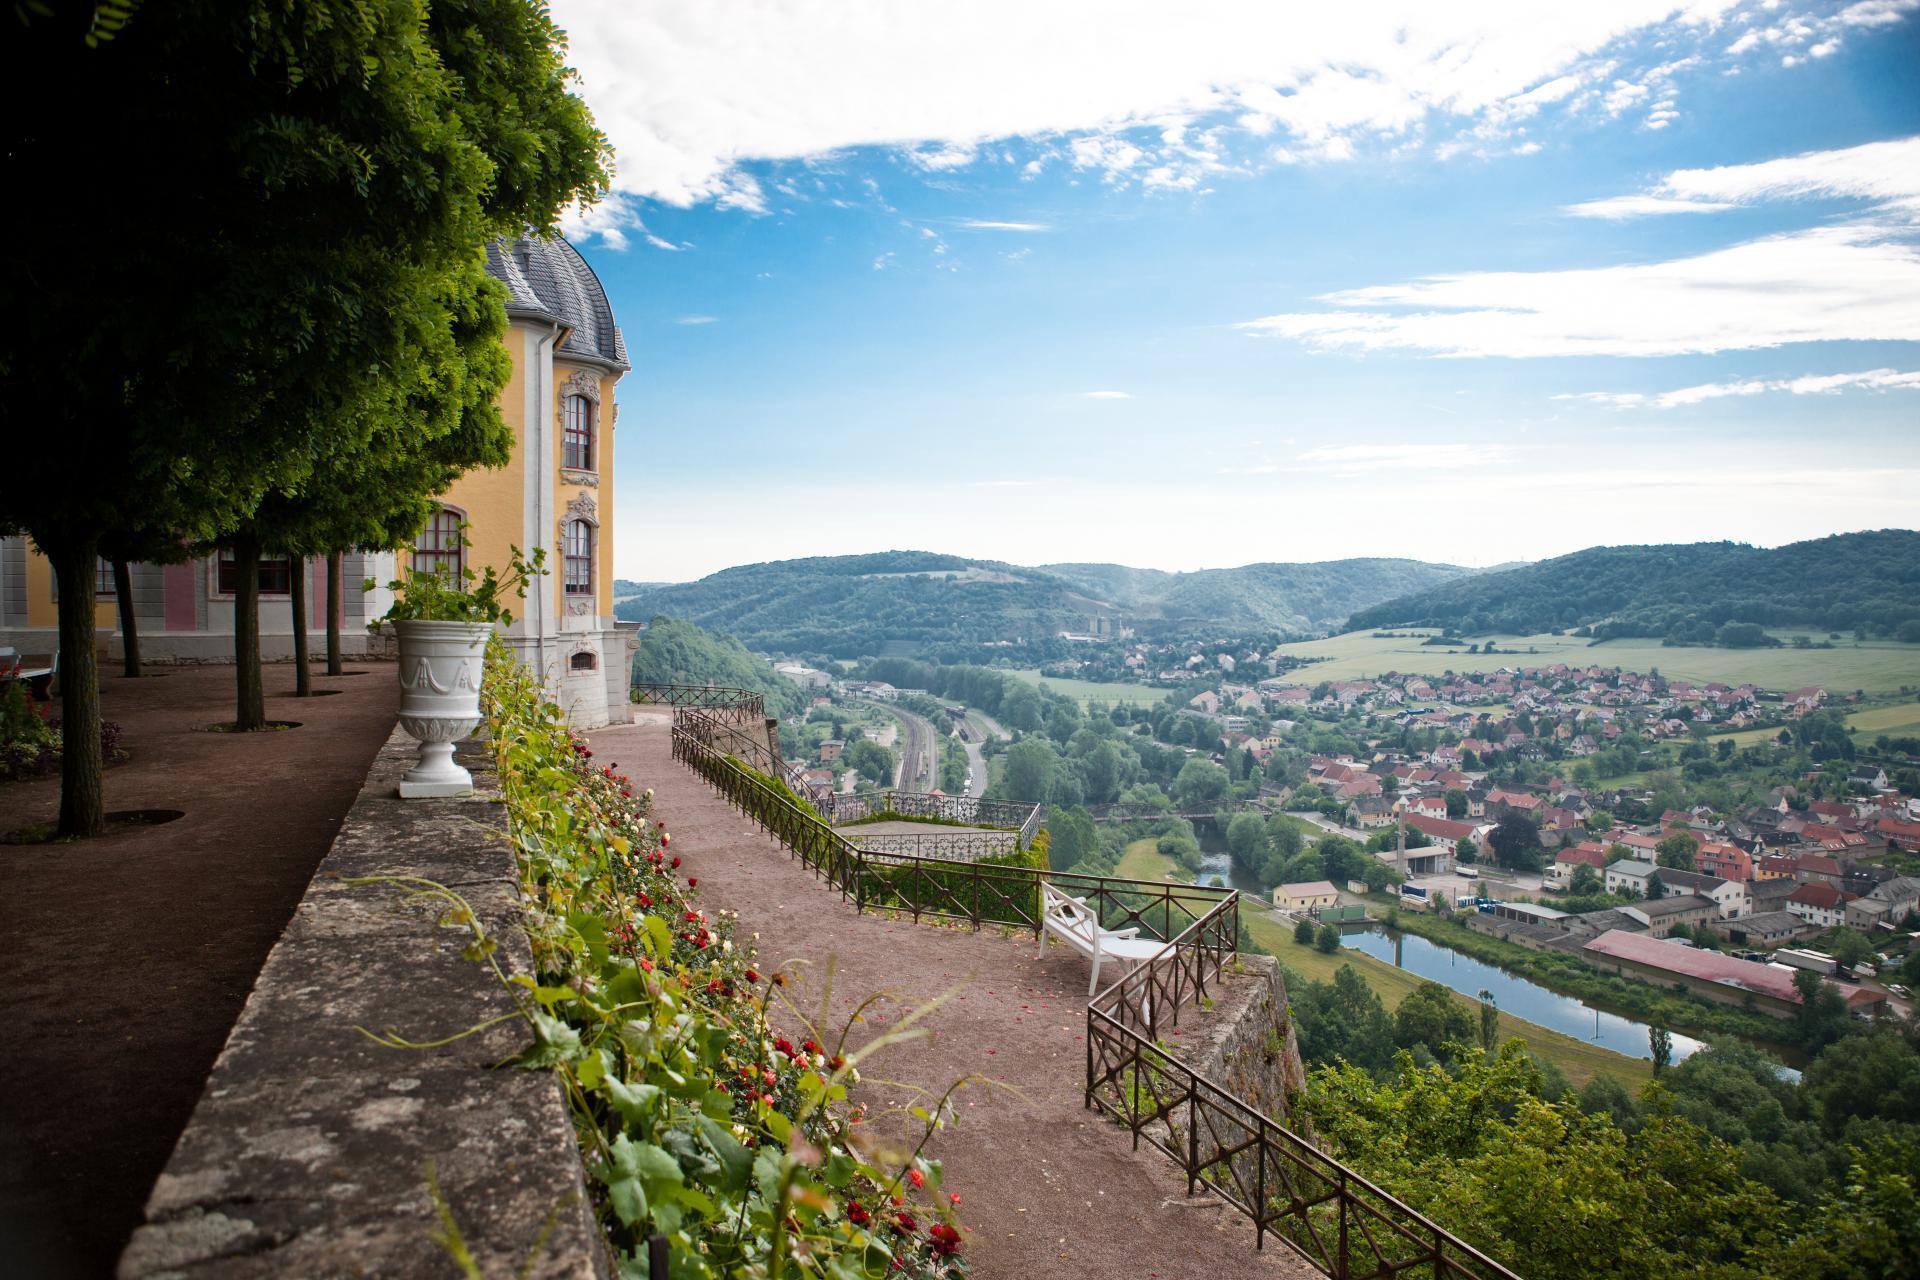 Neues Titelbild_Bild1_Aussicht auf das Saaletal vom Rokokoschloss 2_Foto_Jens Hauspurg_Quelle_ Saaleland